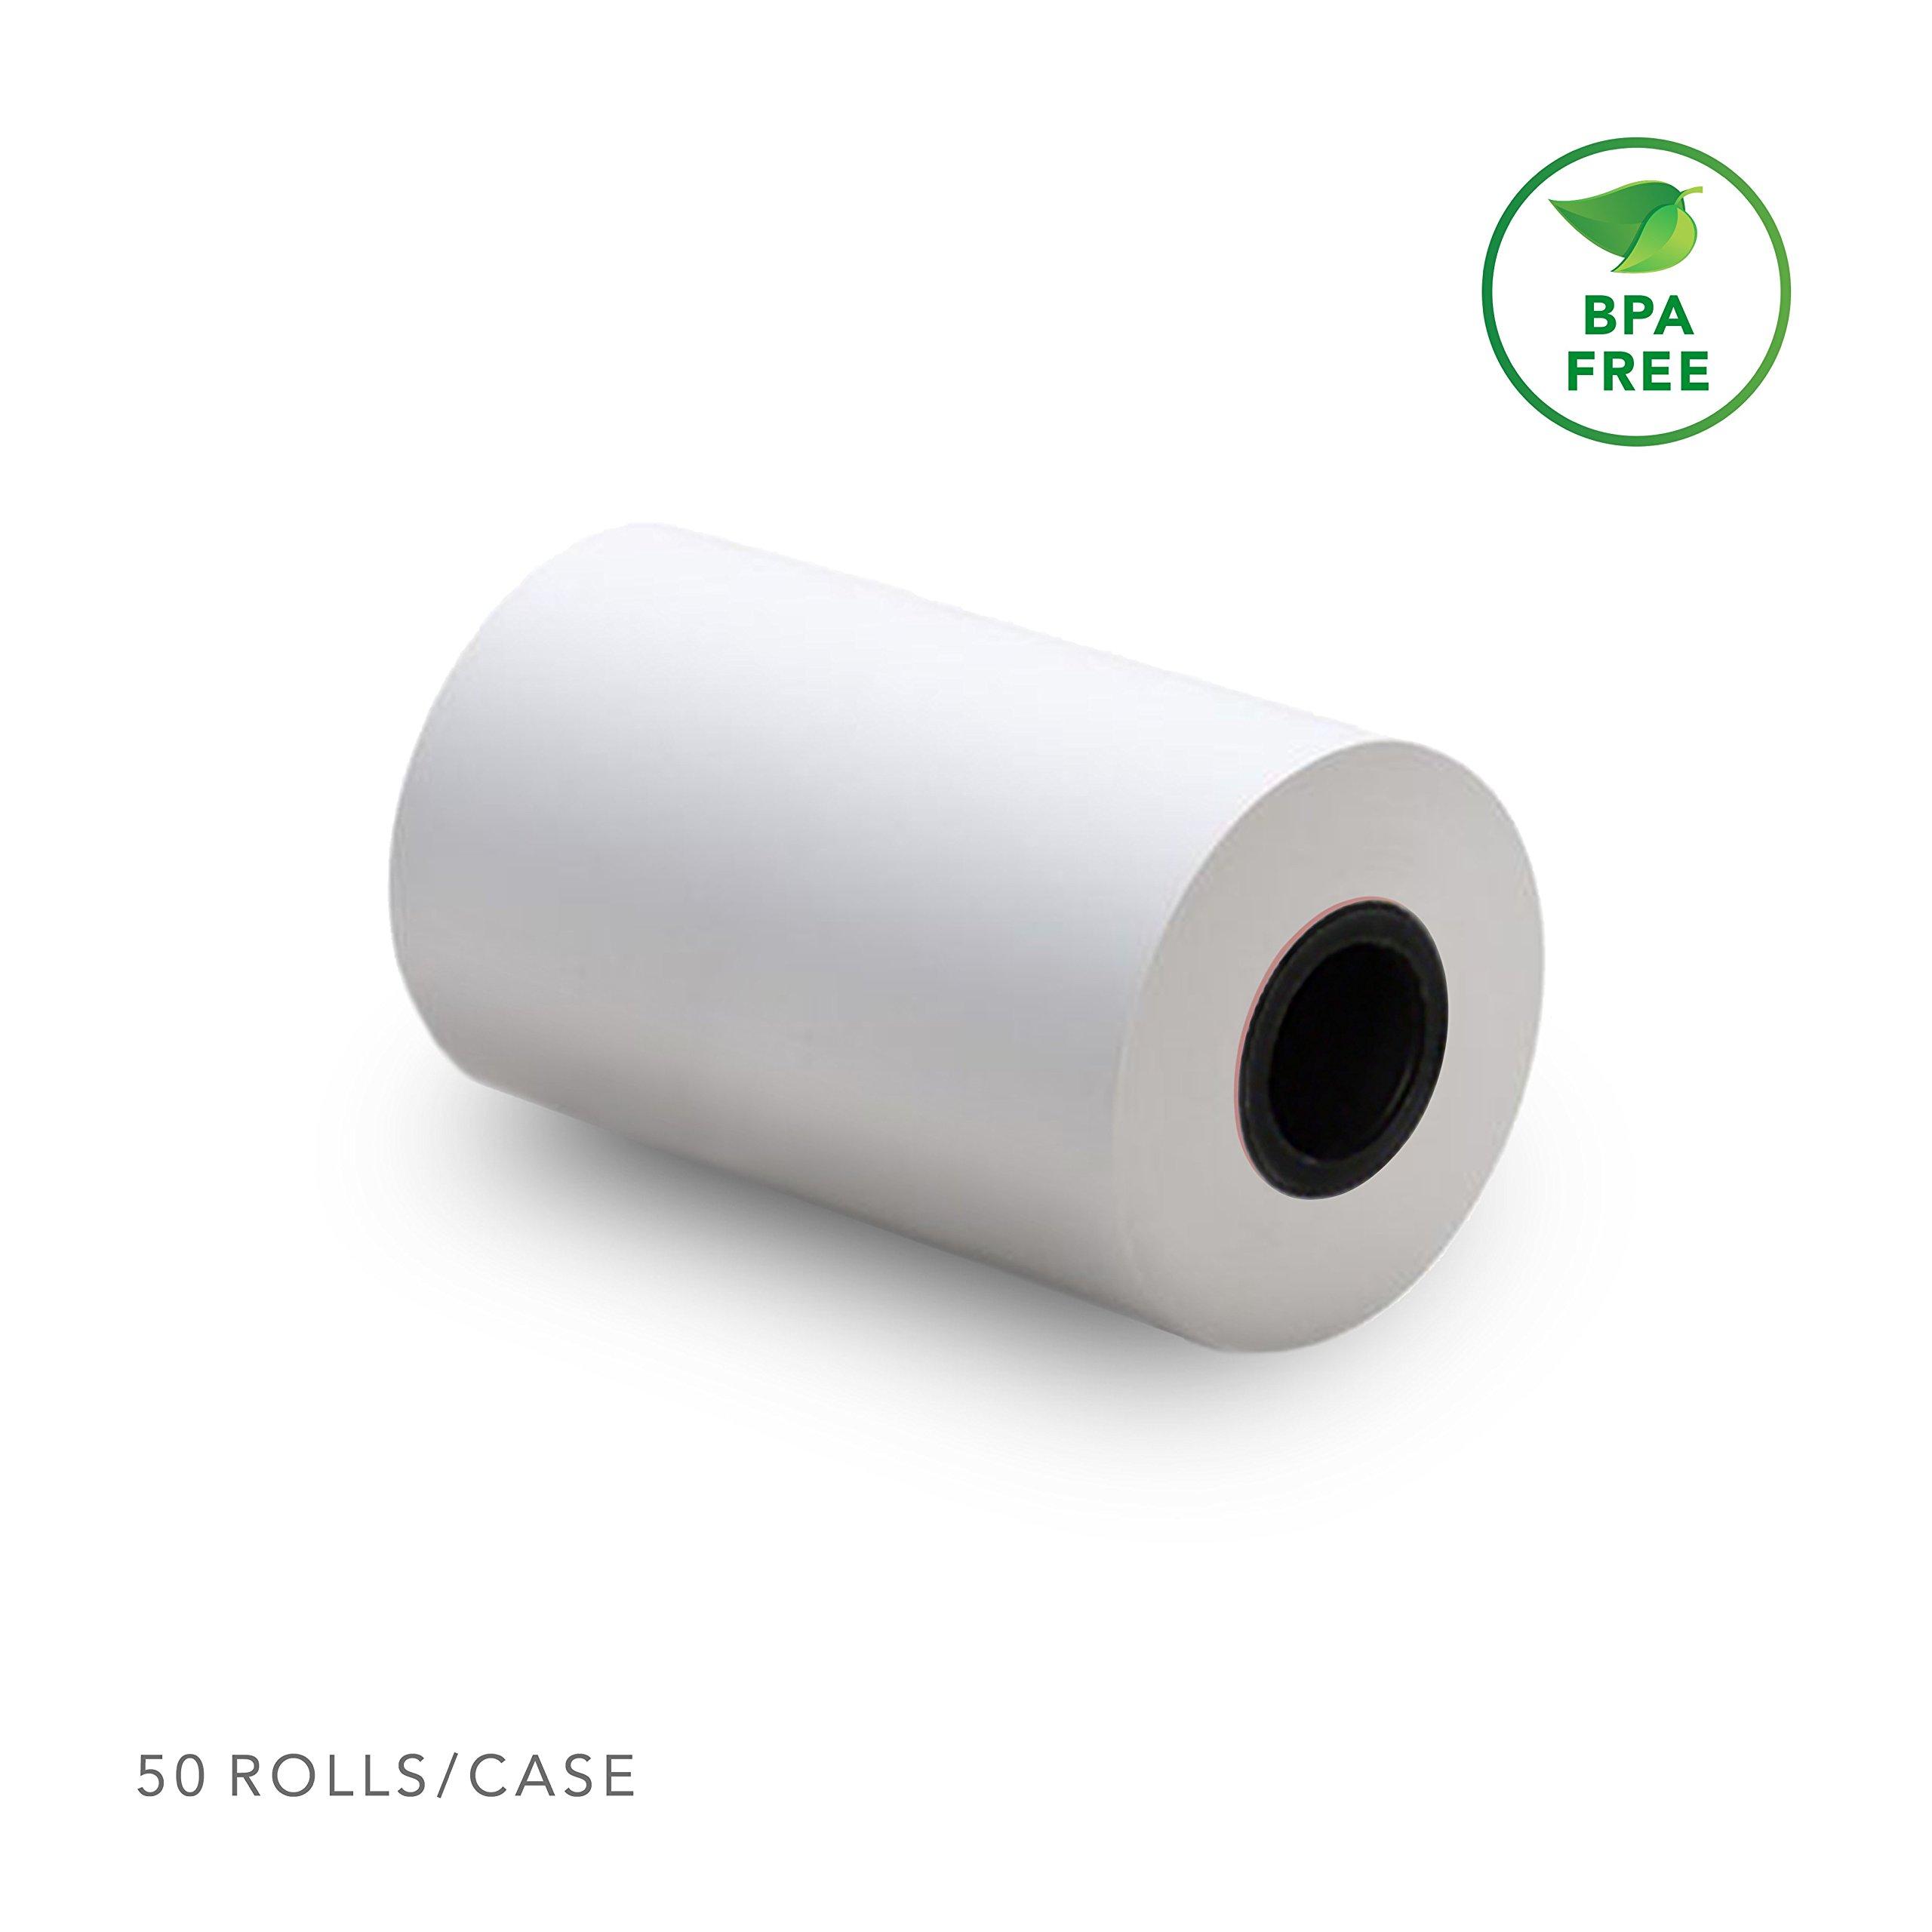 2 1/4'' x 85' (50 Rolls) Thermal POS Receipt Paper Roll BPA Free for Verifone VX510 VX570 VX610 VX810 VX820